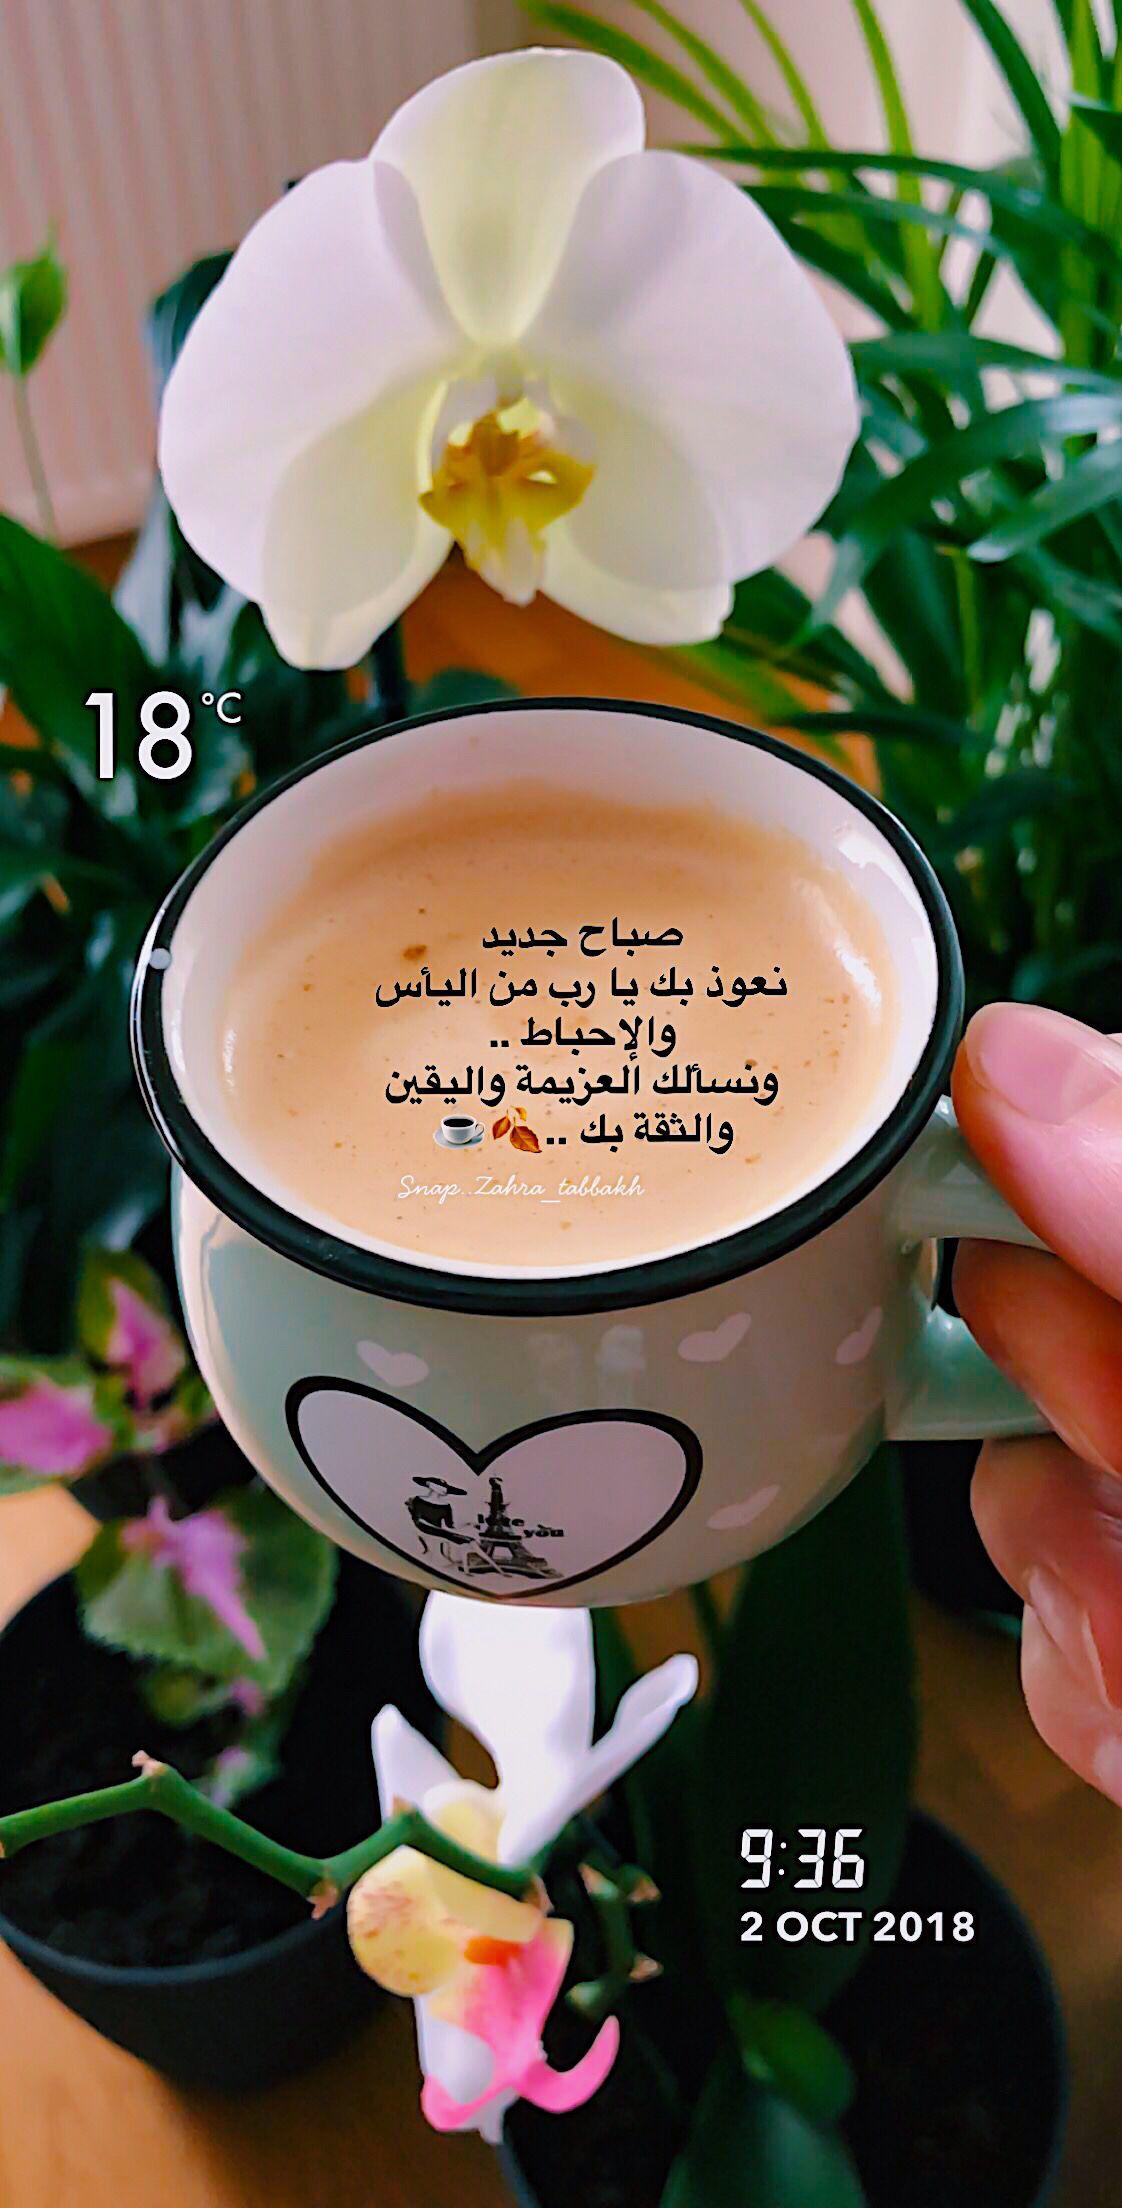 قهوة وقت القهوة صباح الخير رمزيات صورة تصويري تصاميم كوب قهوة سناب سنابيات بيسيات فنجان قهوة رو Good Morning Friends Morning Words Coffee Cups Diy